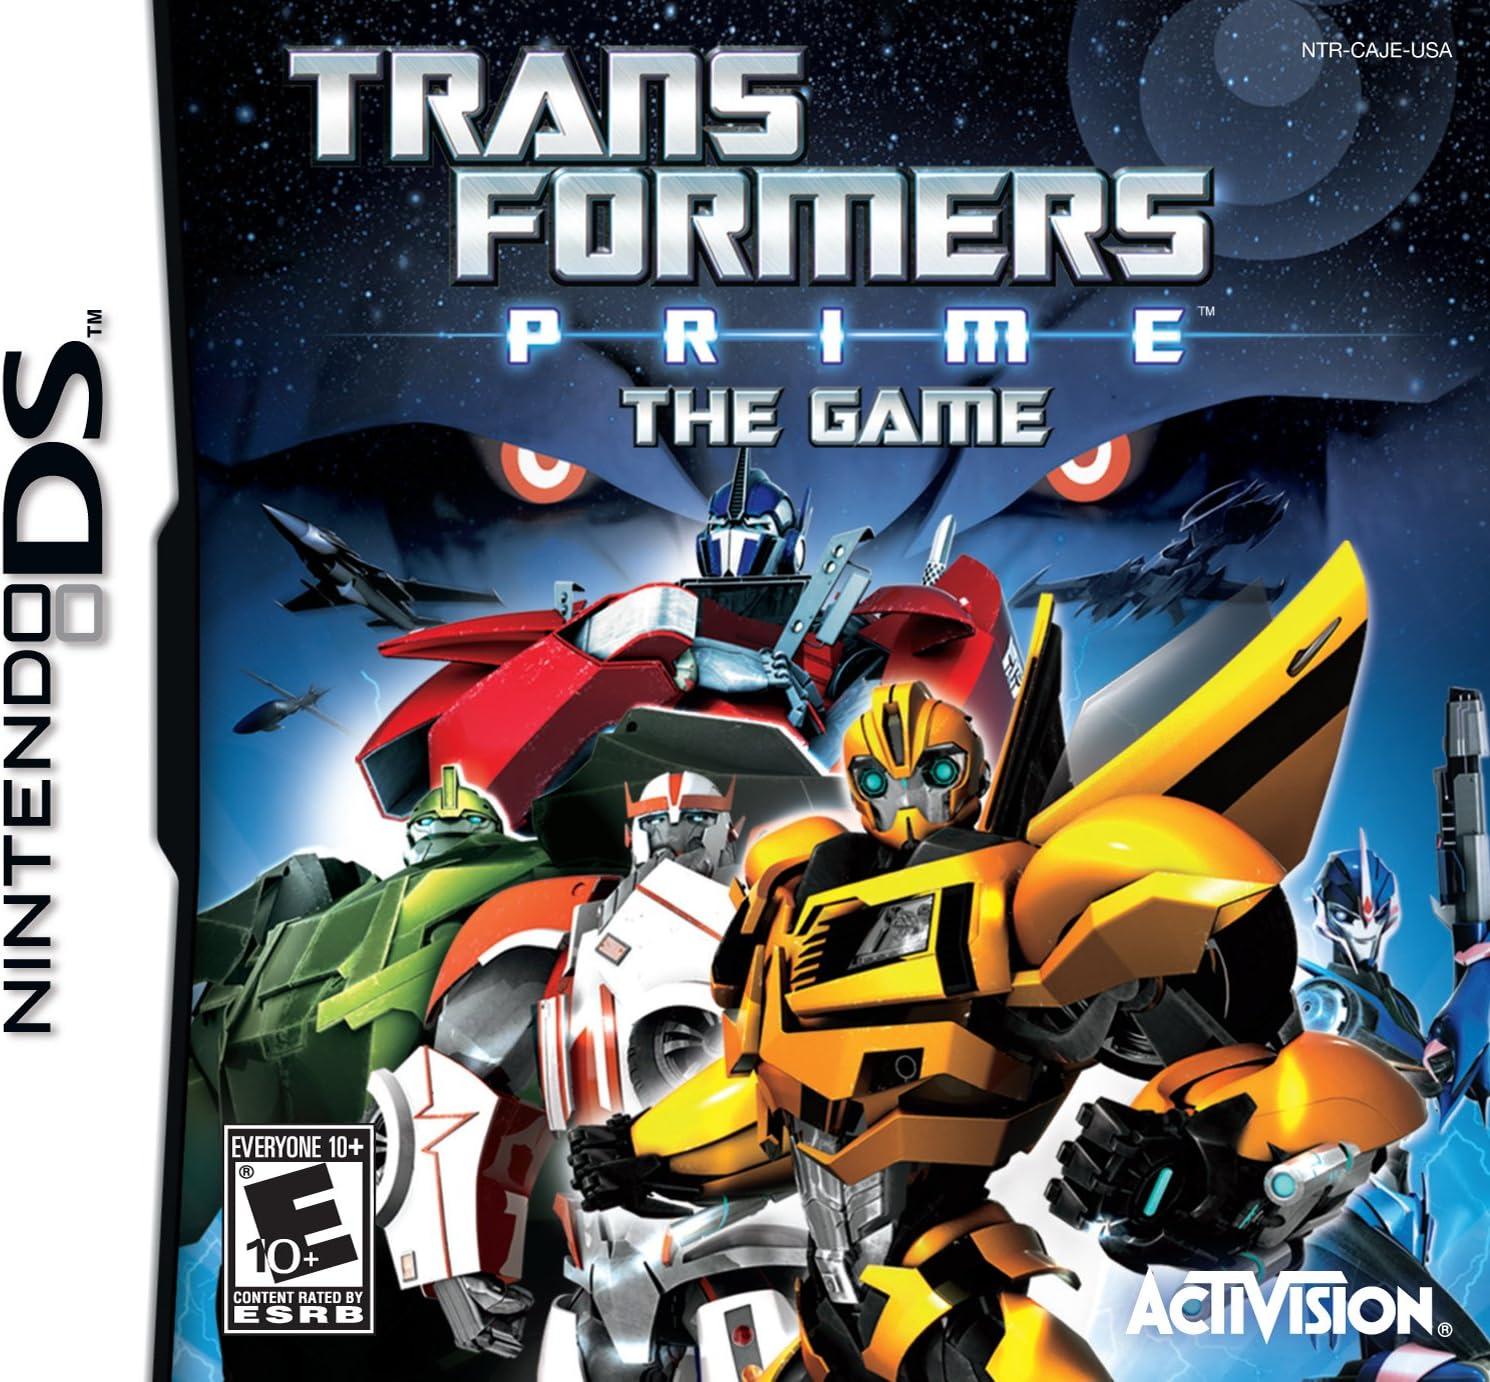 Трансформеры прайм игры скачать на компьютер игру